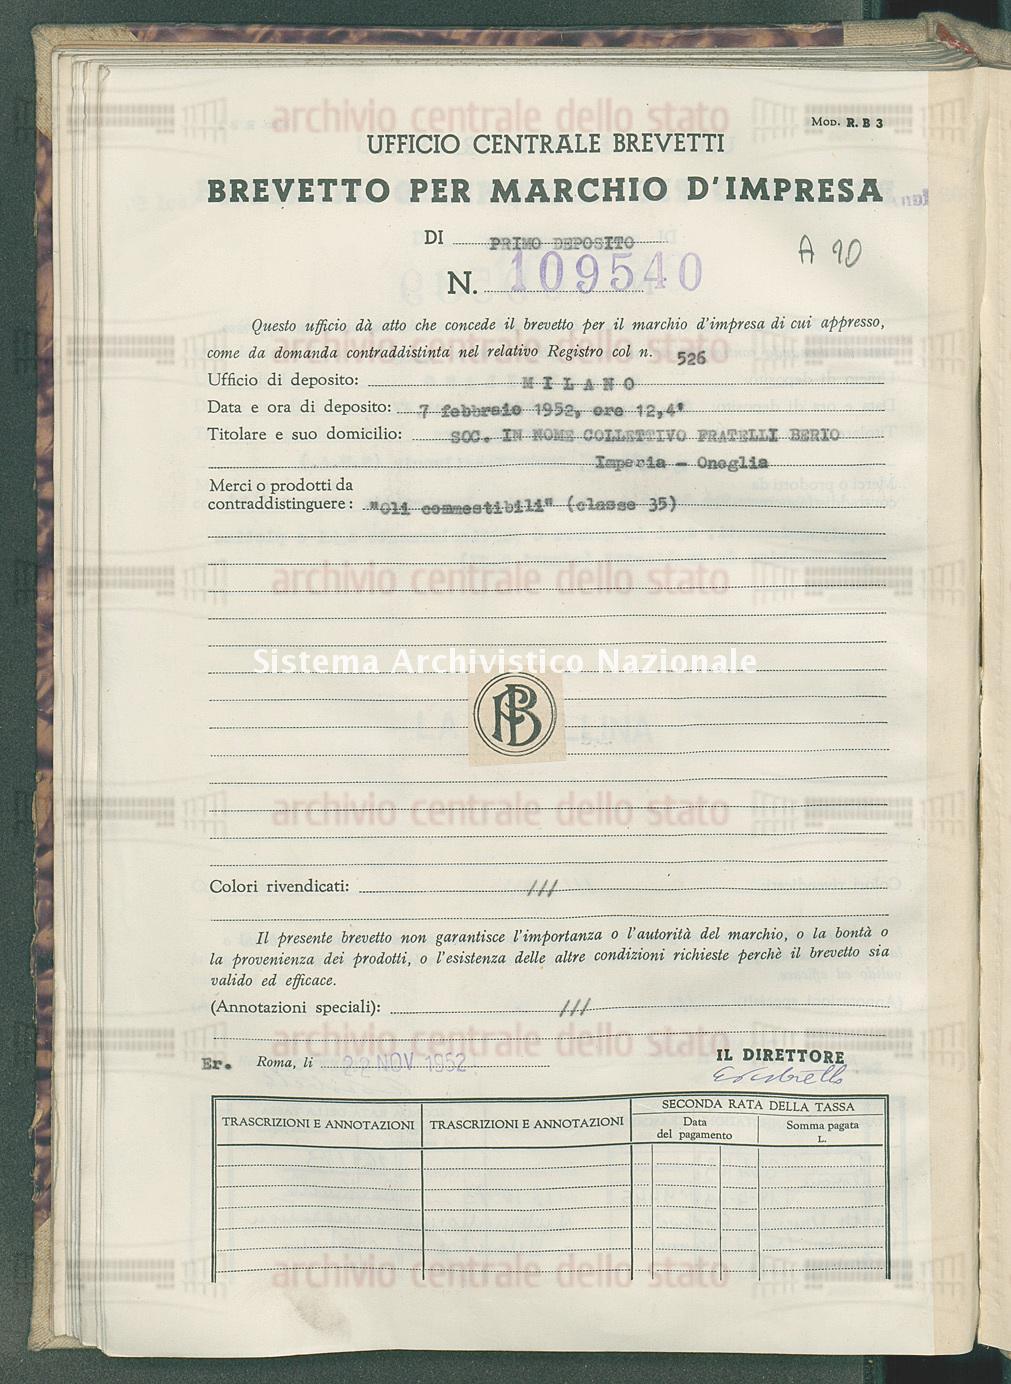 'Oli commestibili' Soc. In Nome Collettivo Fratelli Berto (22/11/1952)